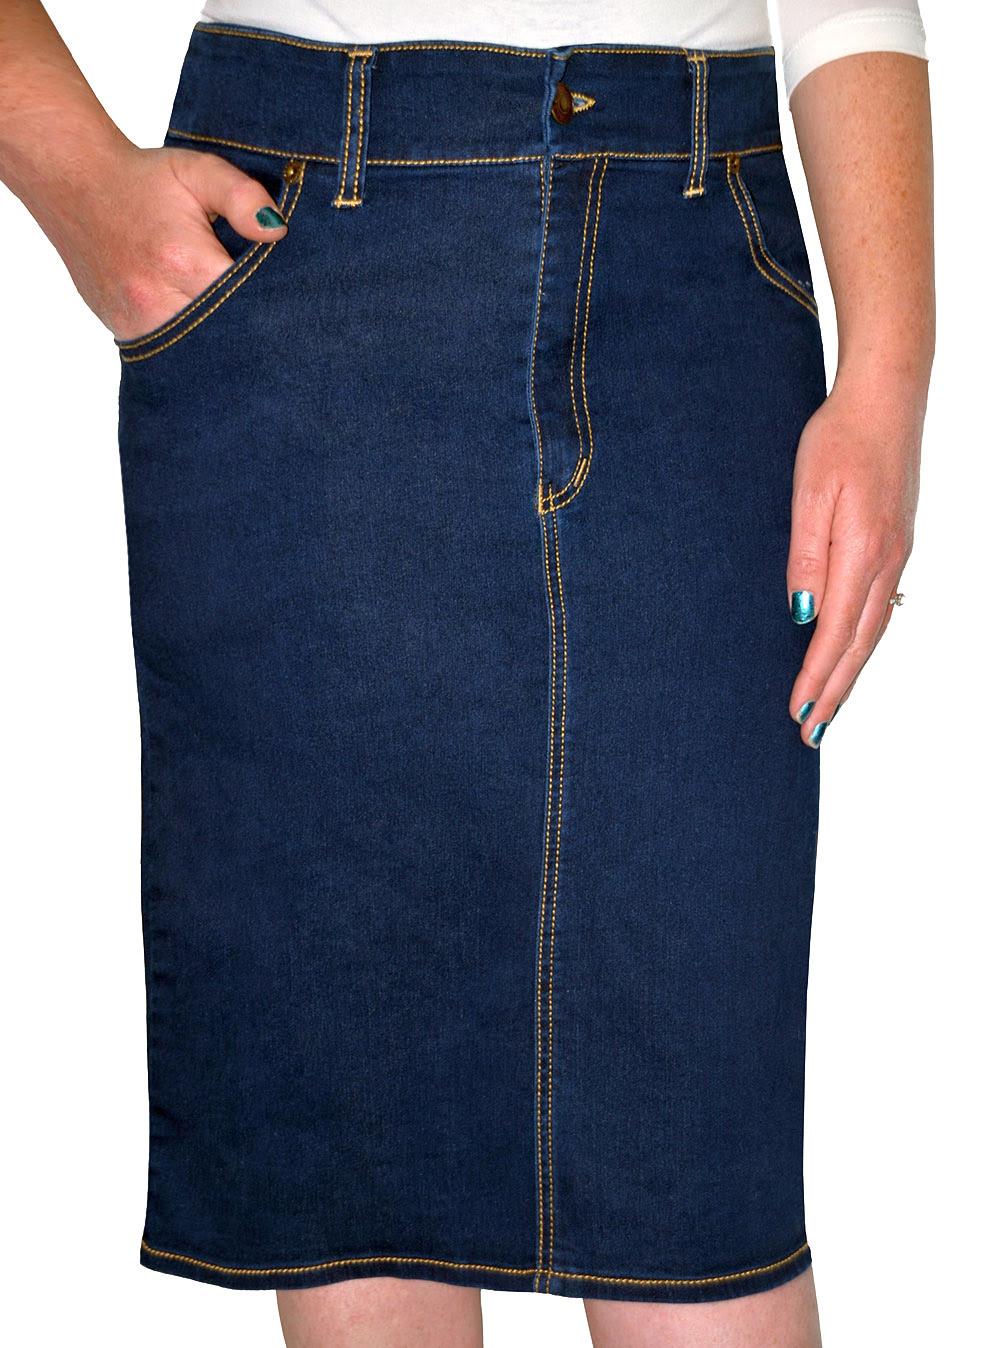 Denim Pencil Skirt for Women. Long Skirts. Kosher Casual.